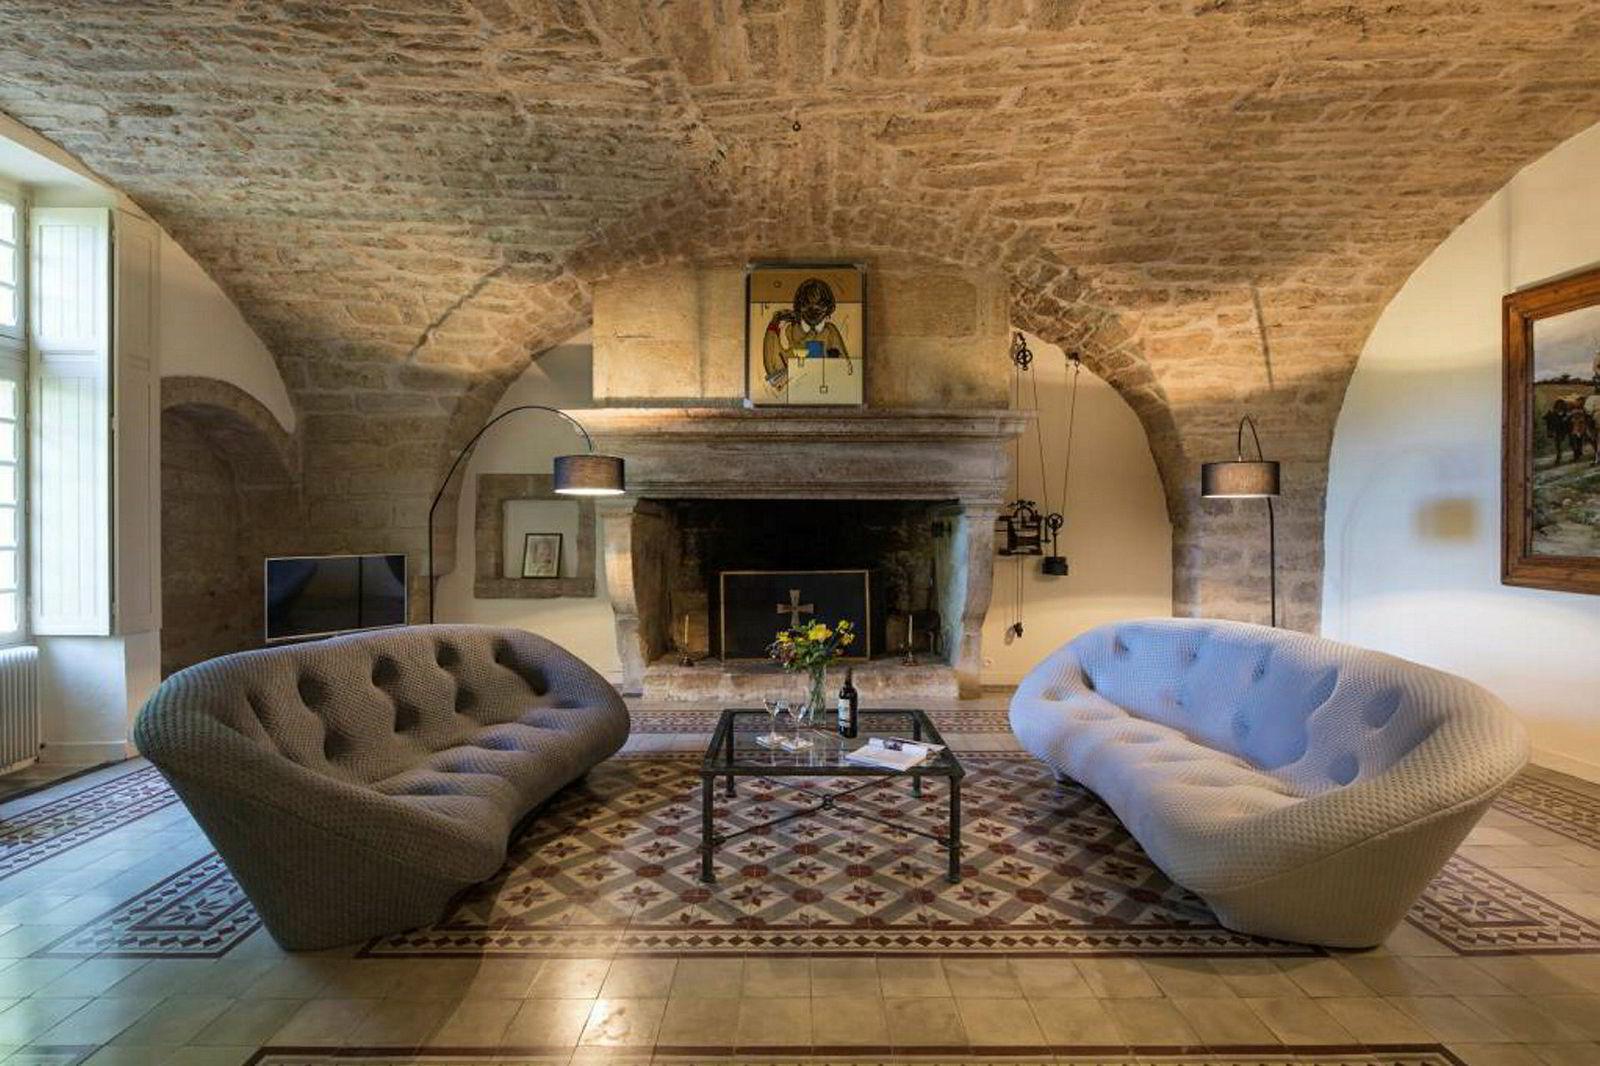 Interiør i vinslottet Saint Martin de la Garrigue i Languedoc nær Montpellier i Sør-Frankrike